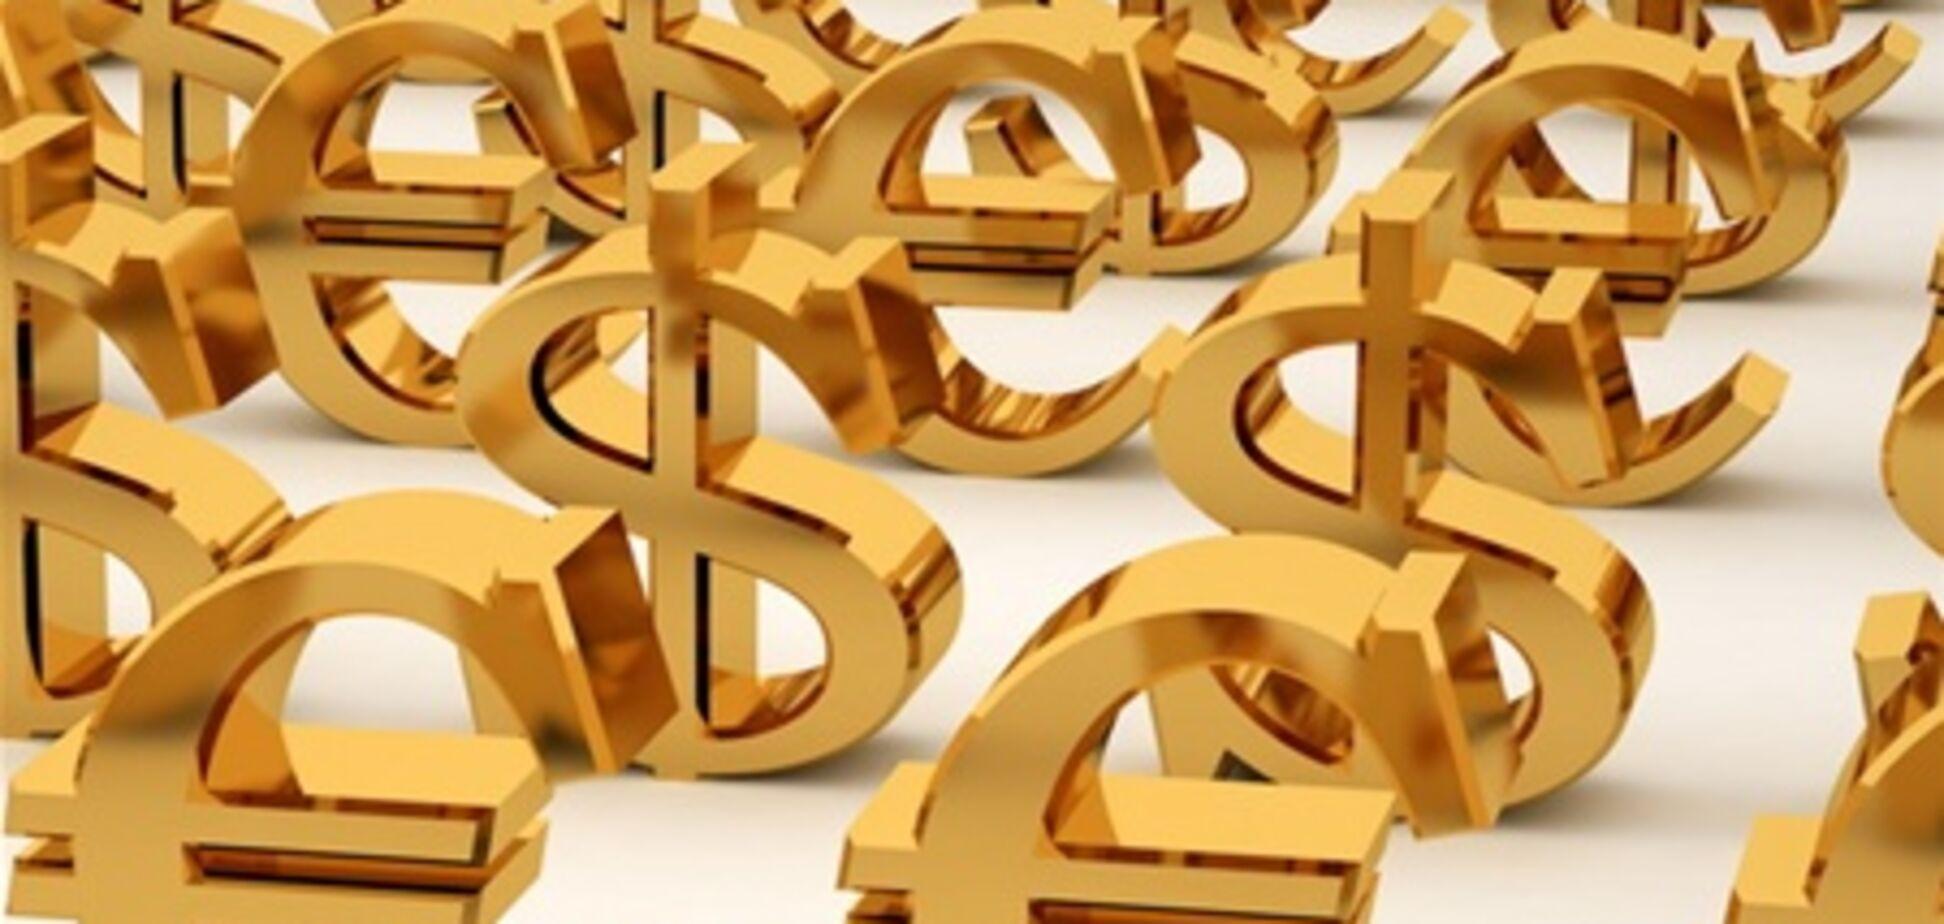 Евро снижается к доллару и иене, 11 января 2012